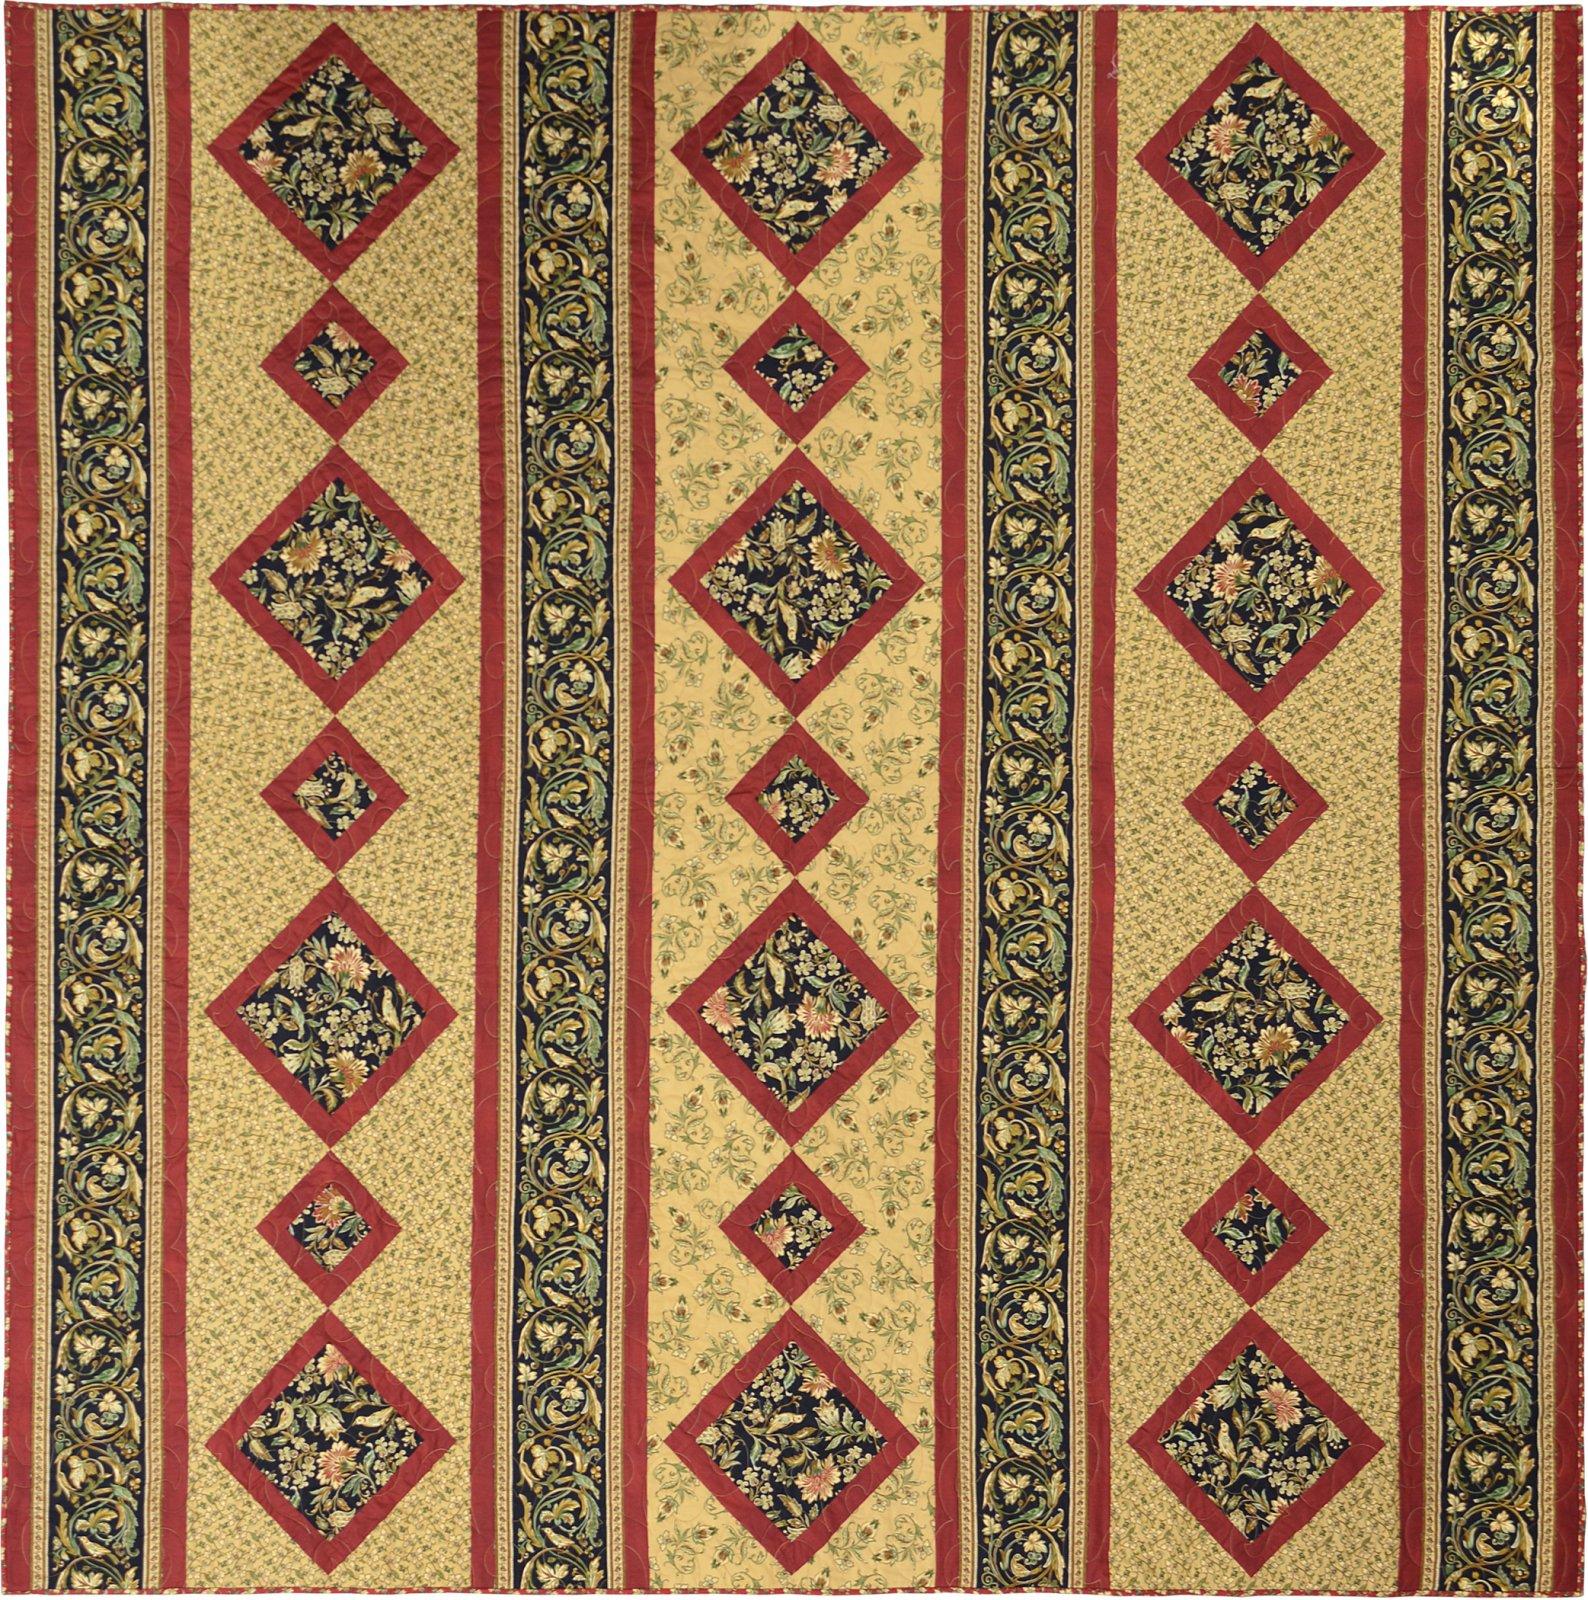 Victoria pattern